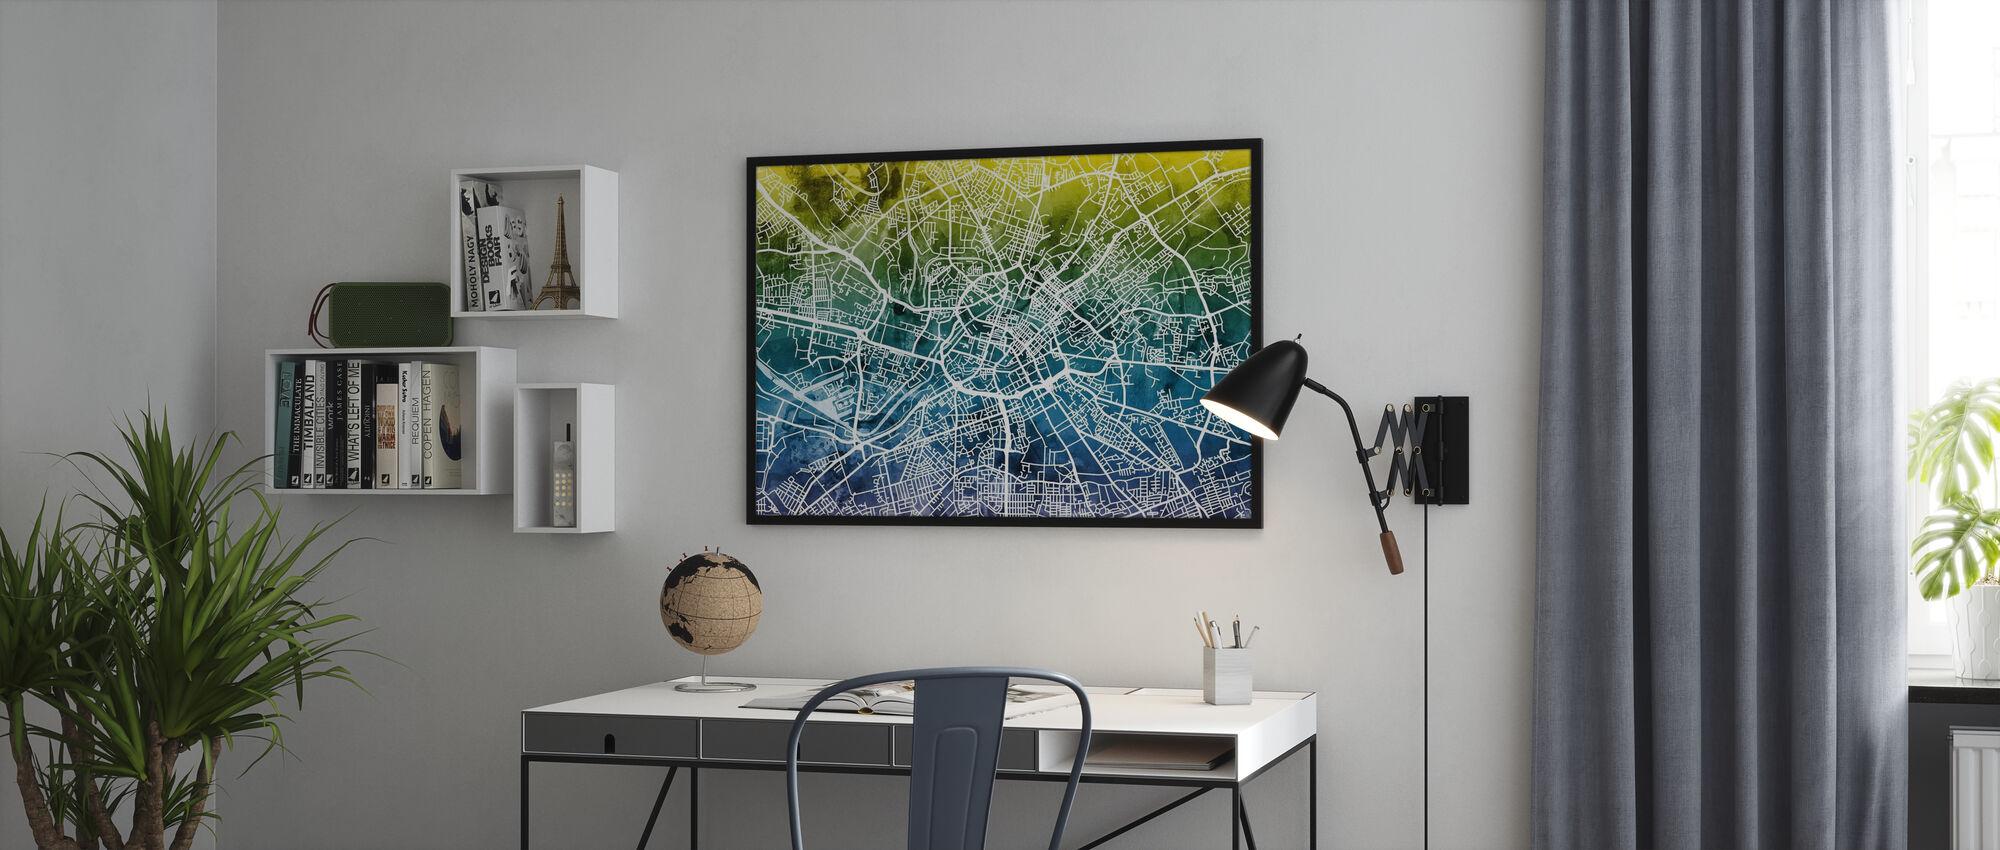 Manchester Street Kartta Bluegreen - Kehystetty kuva - Toimisto